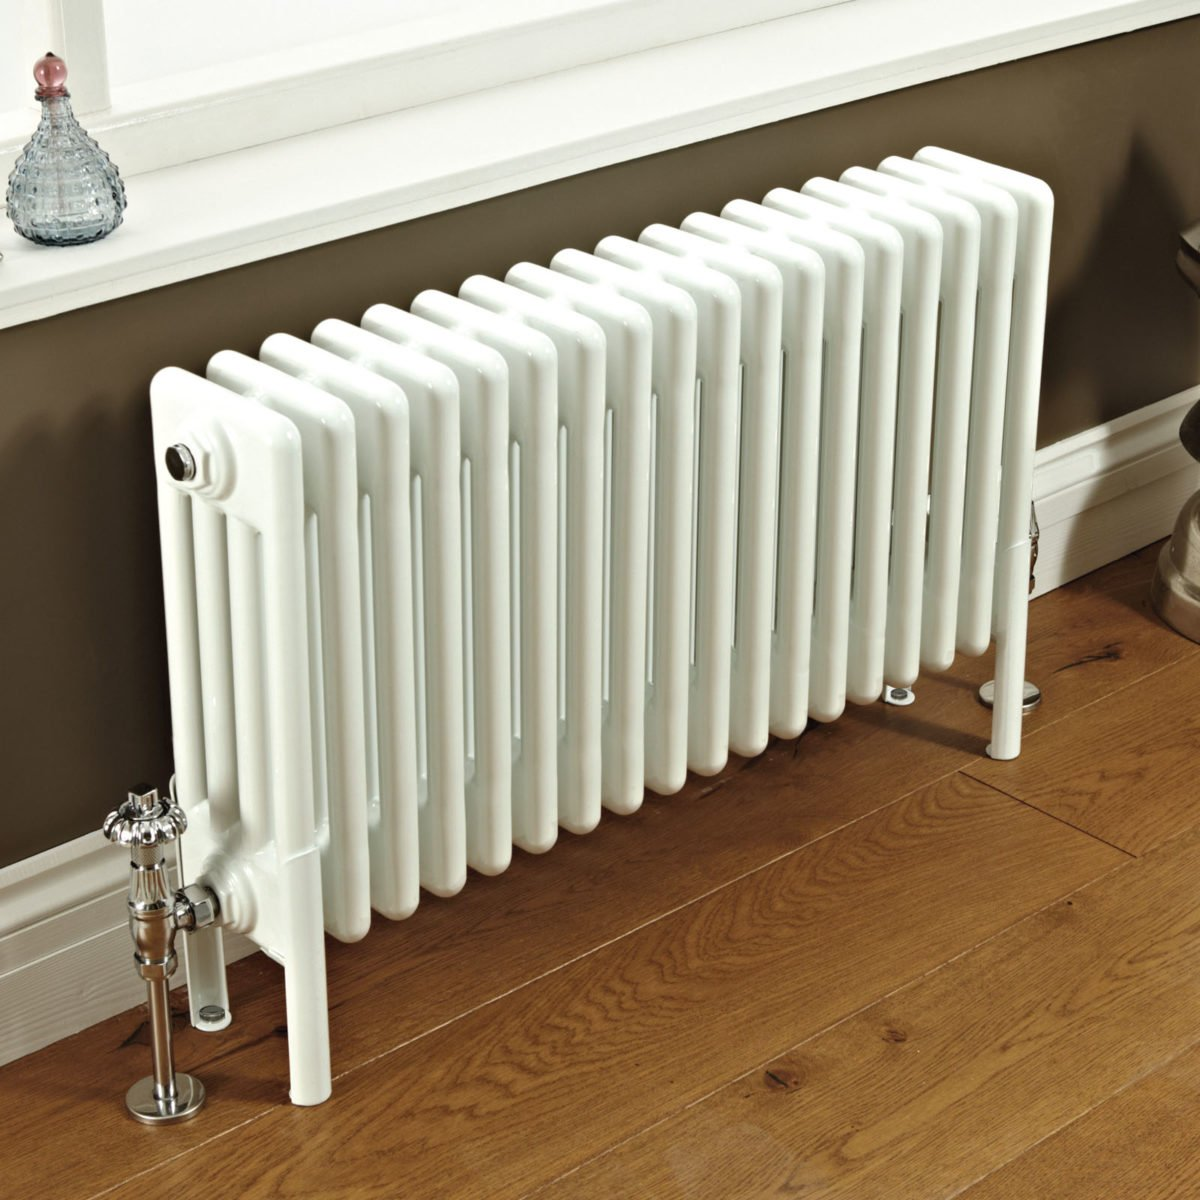 valvole-termostatiche-calorifero